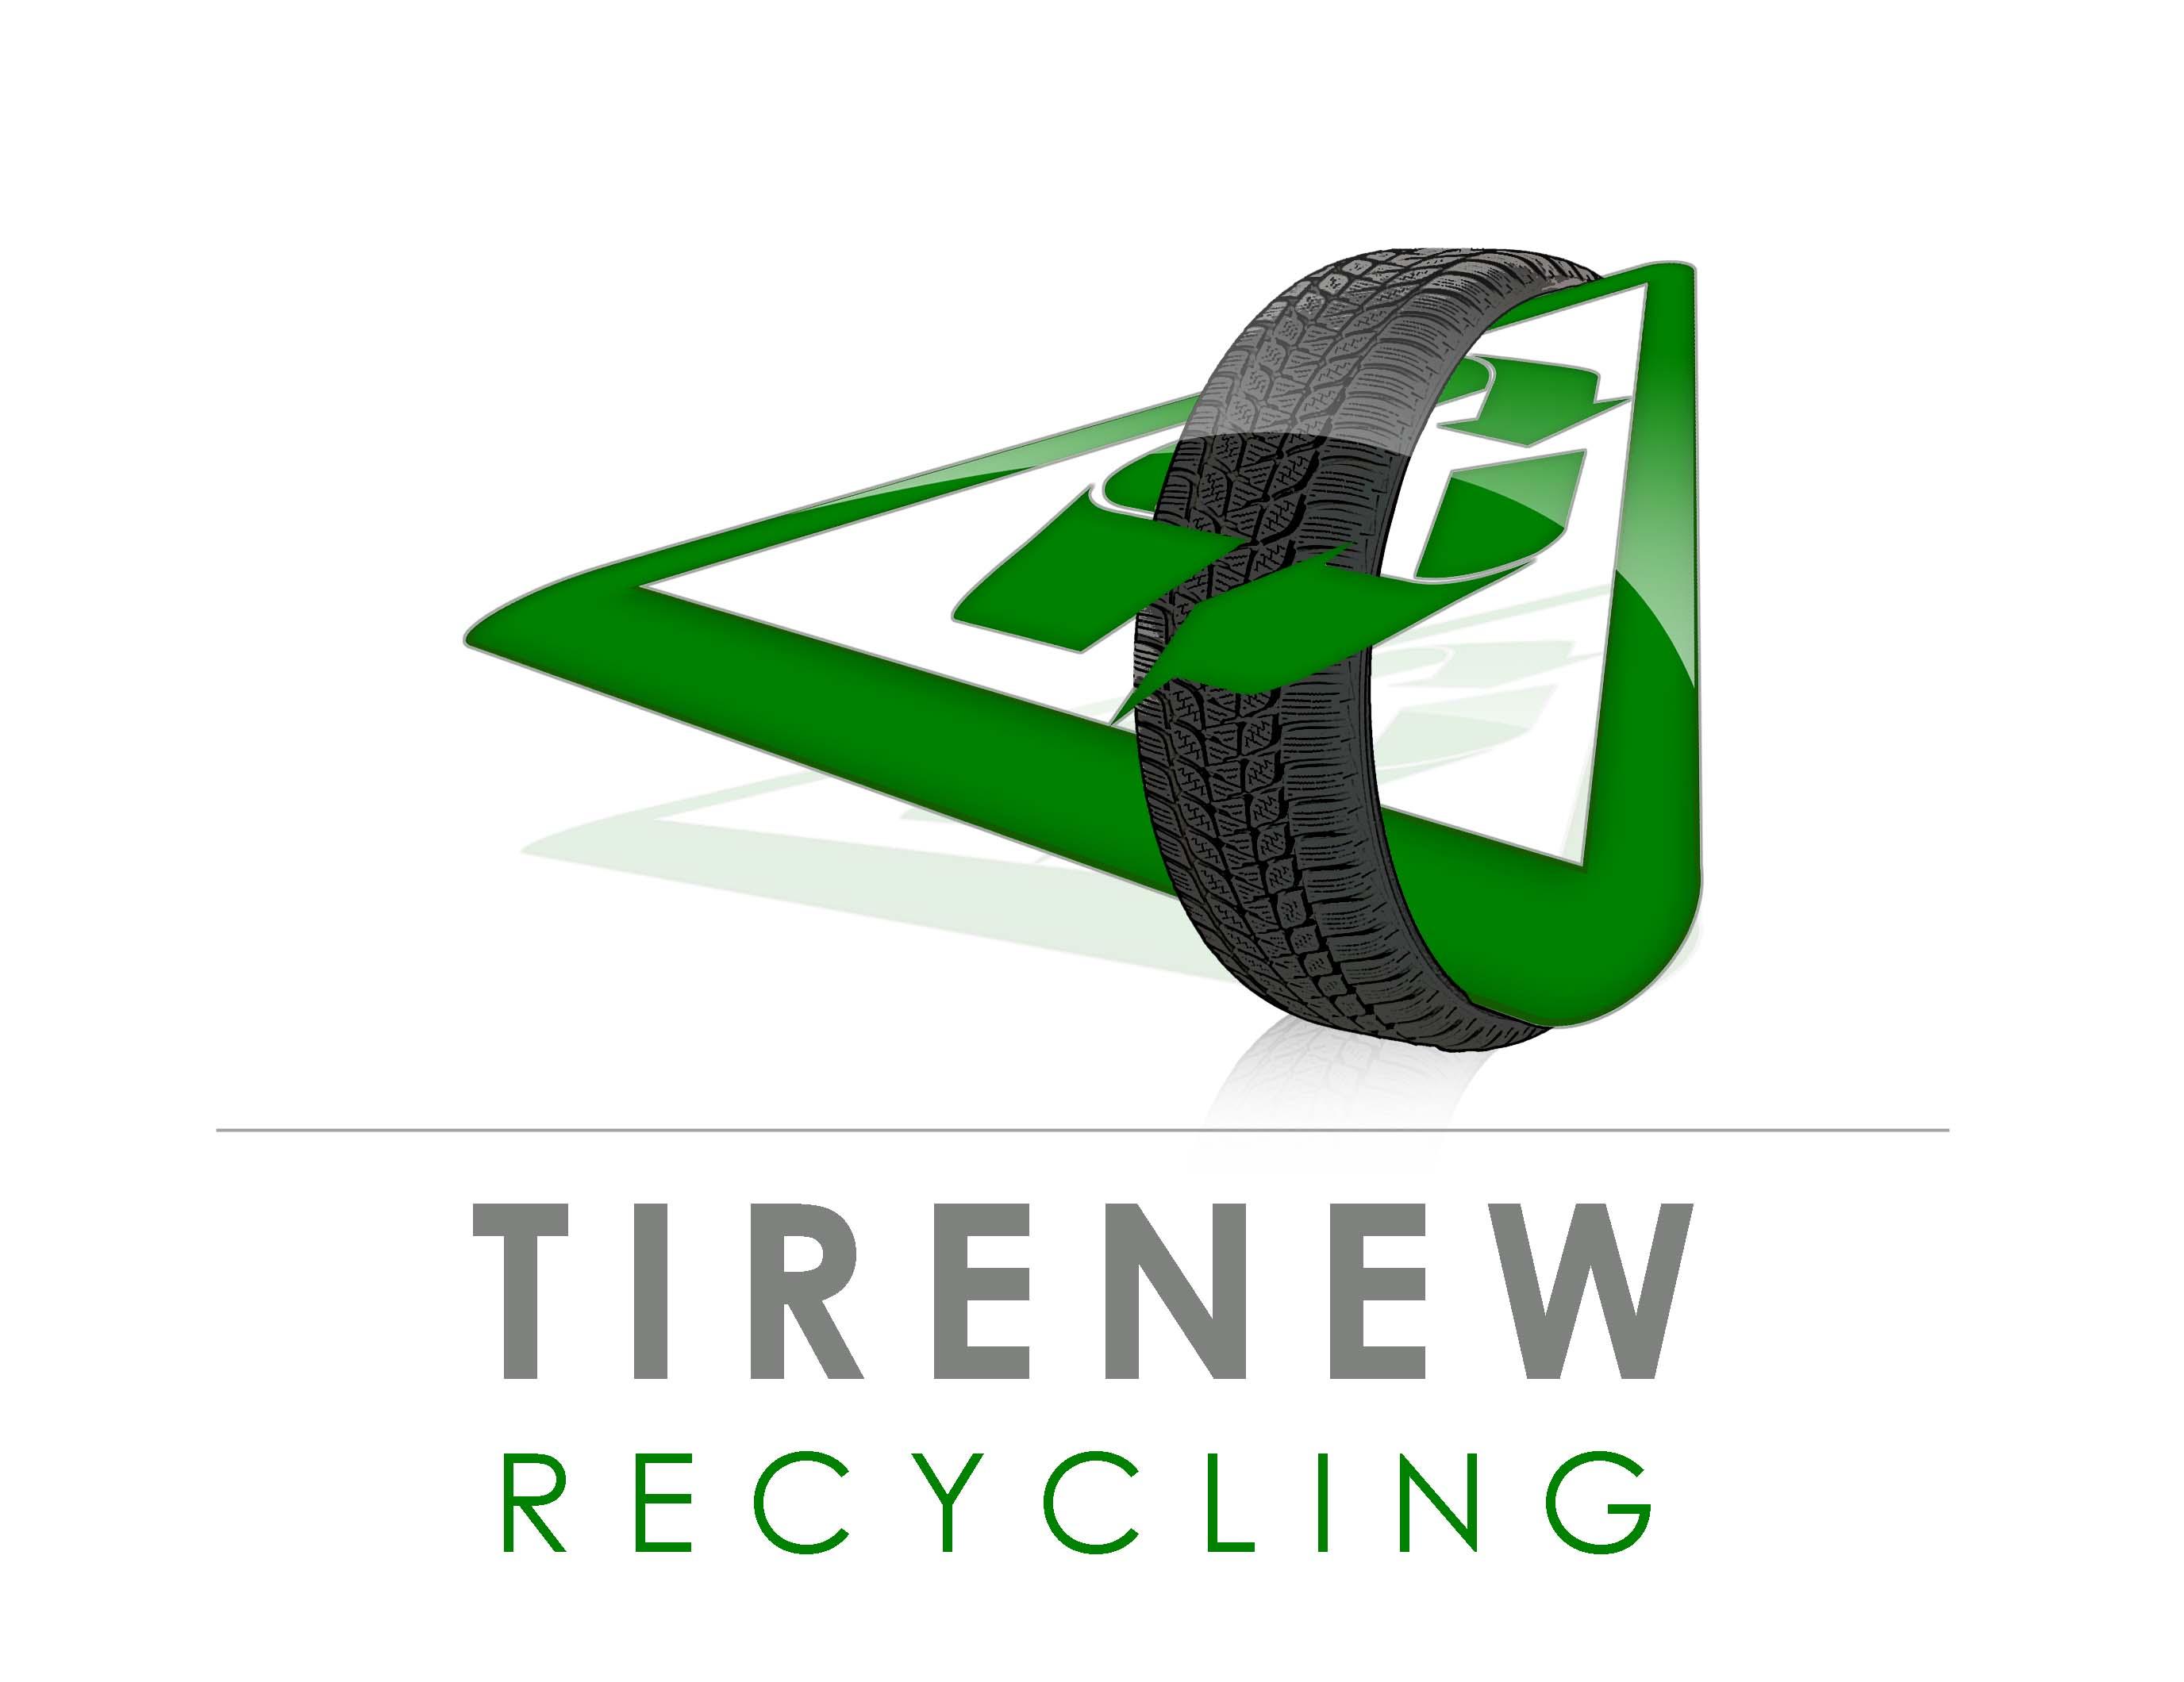 Tirenew